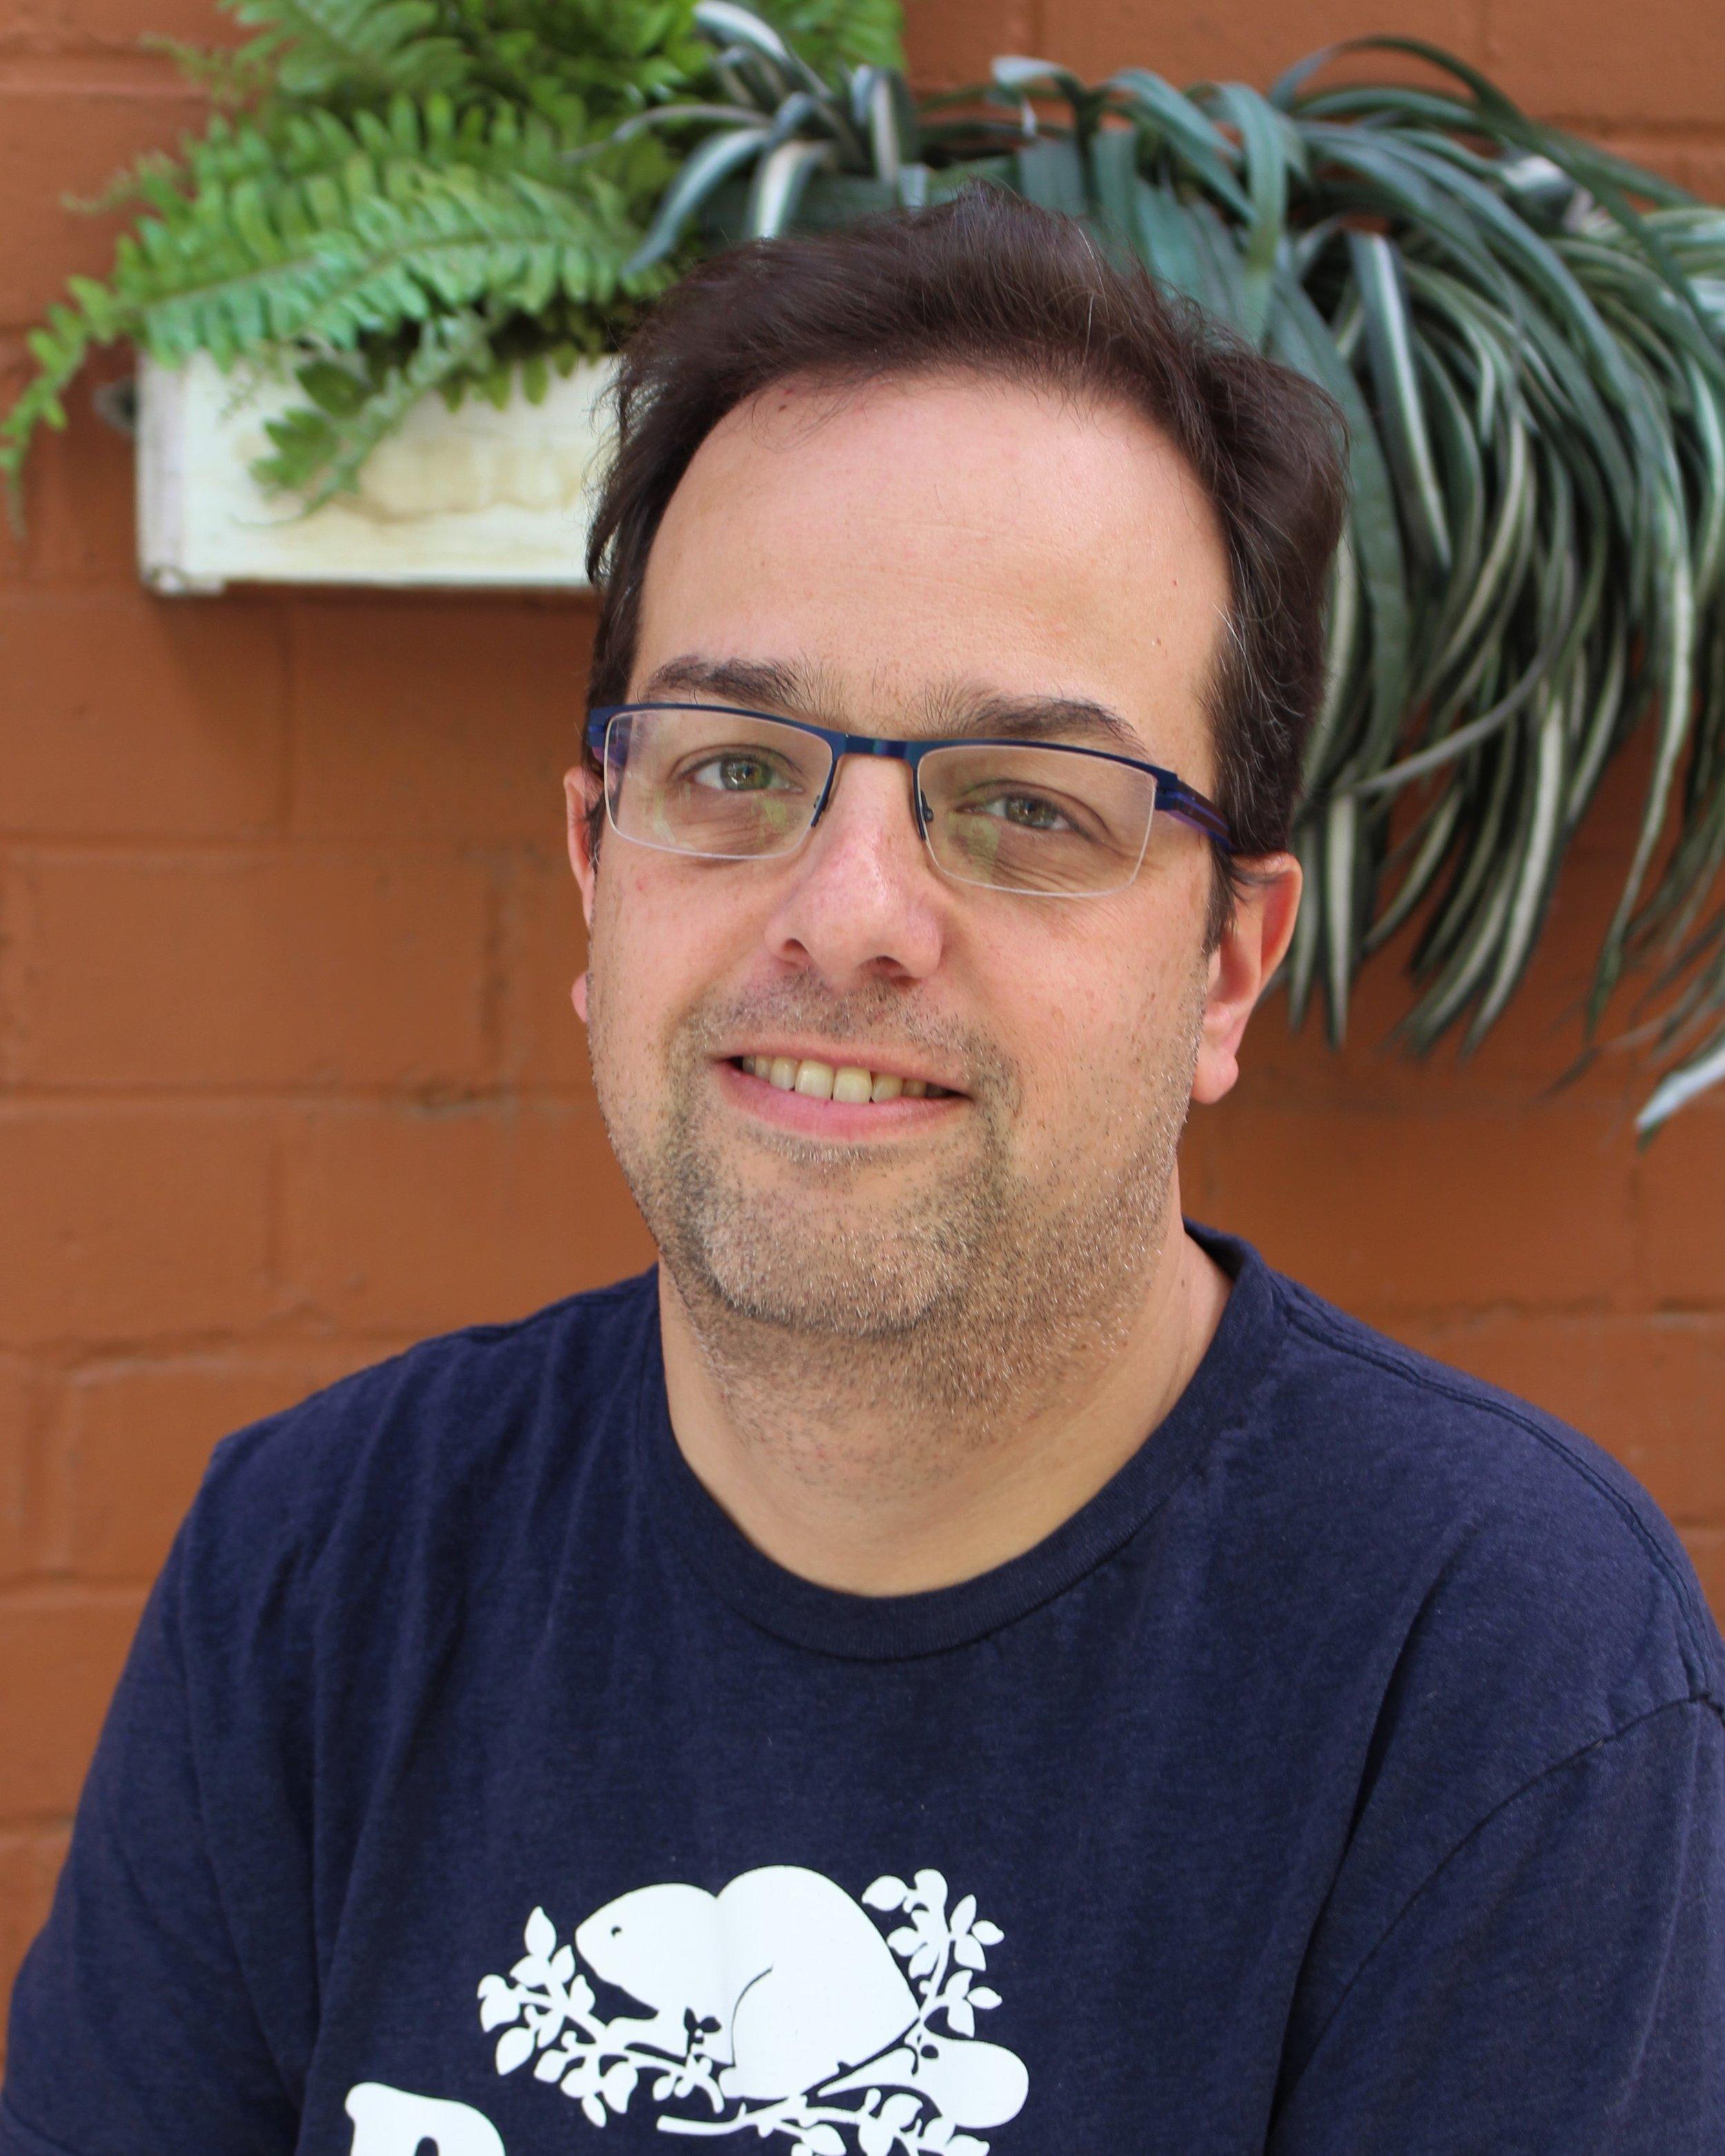 Kevin Wein